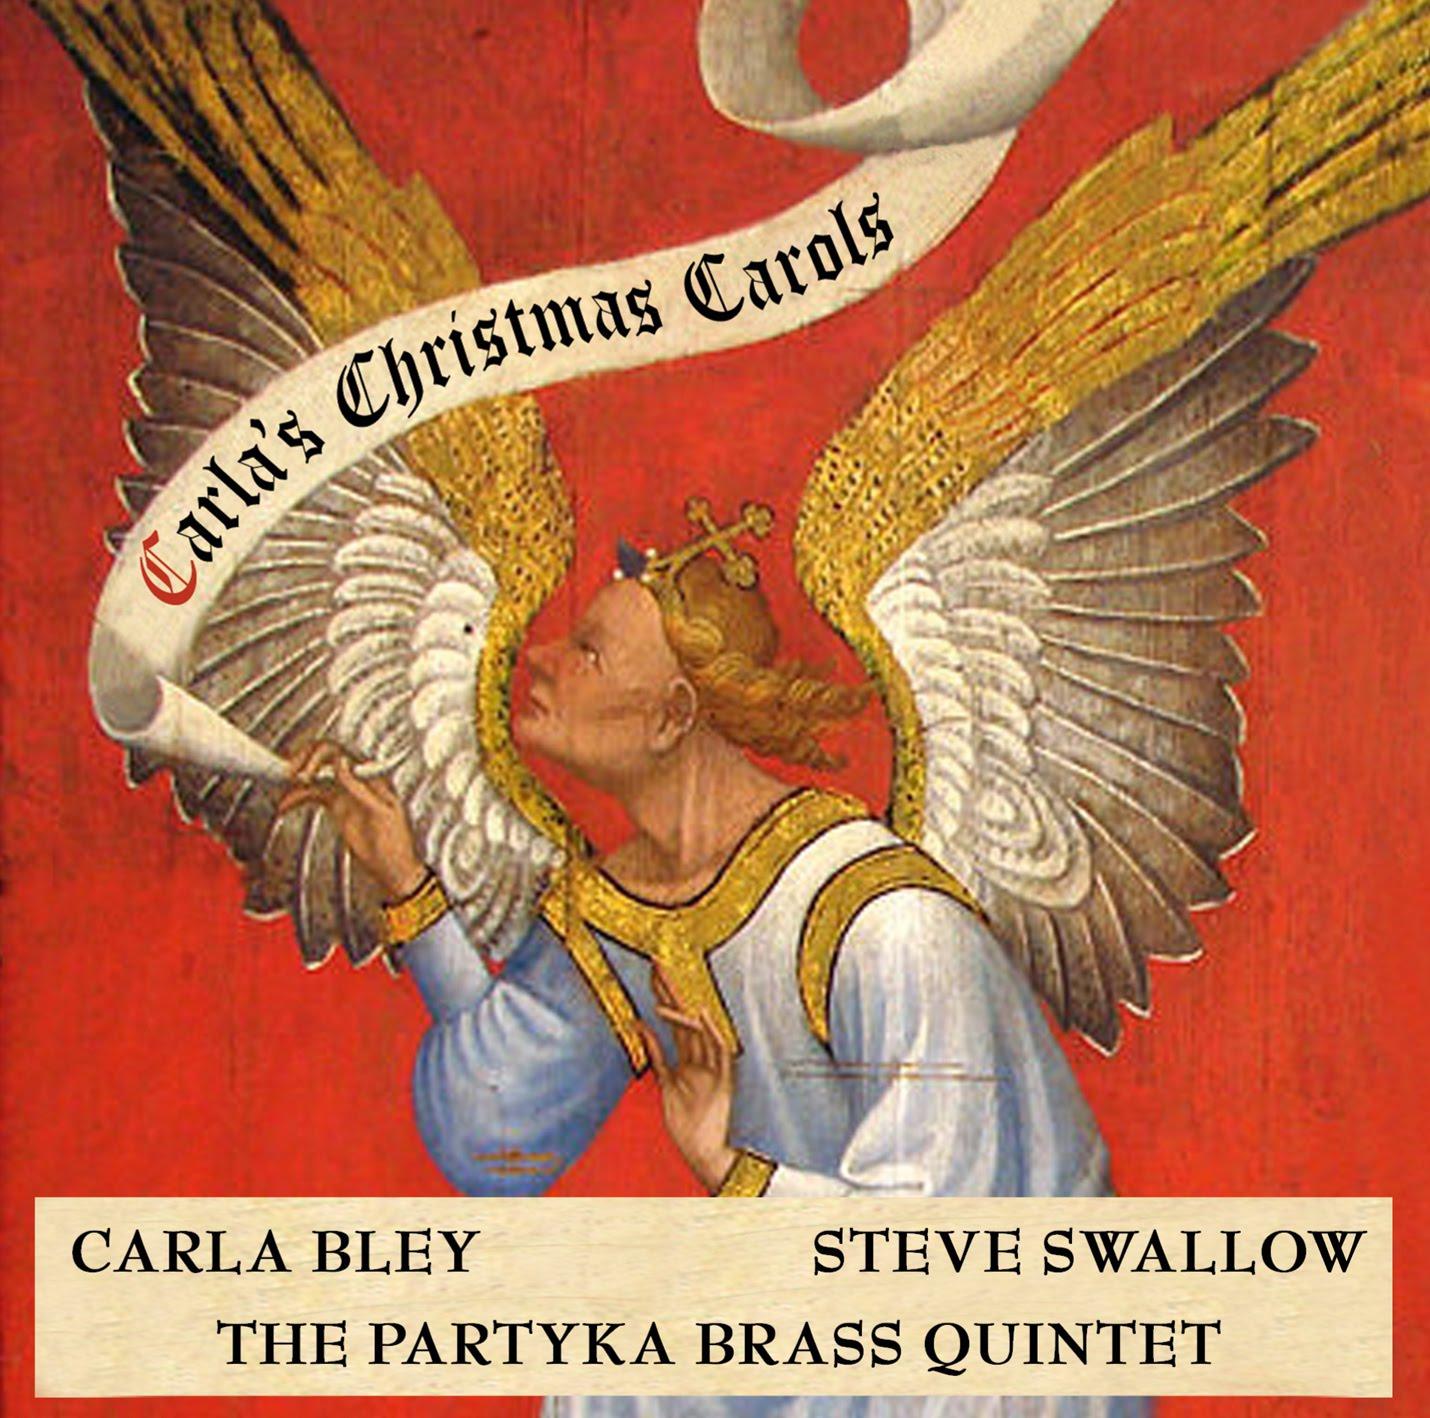 Carla+Bley.jpg